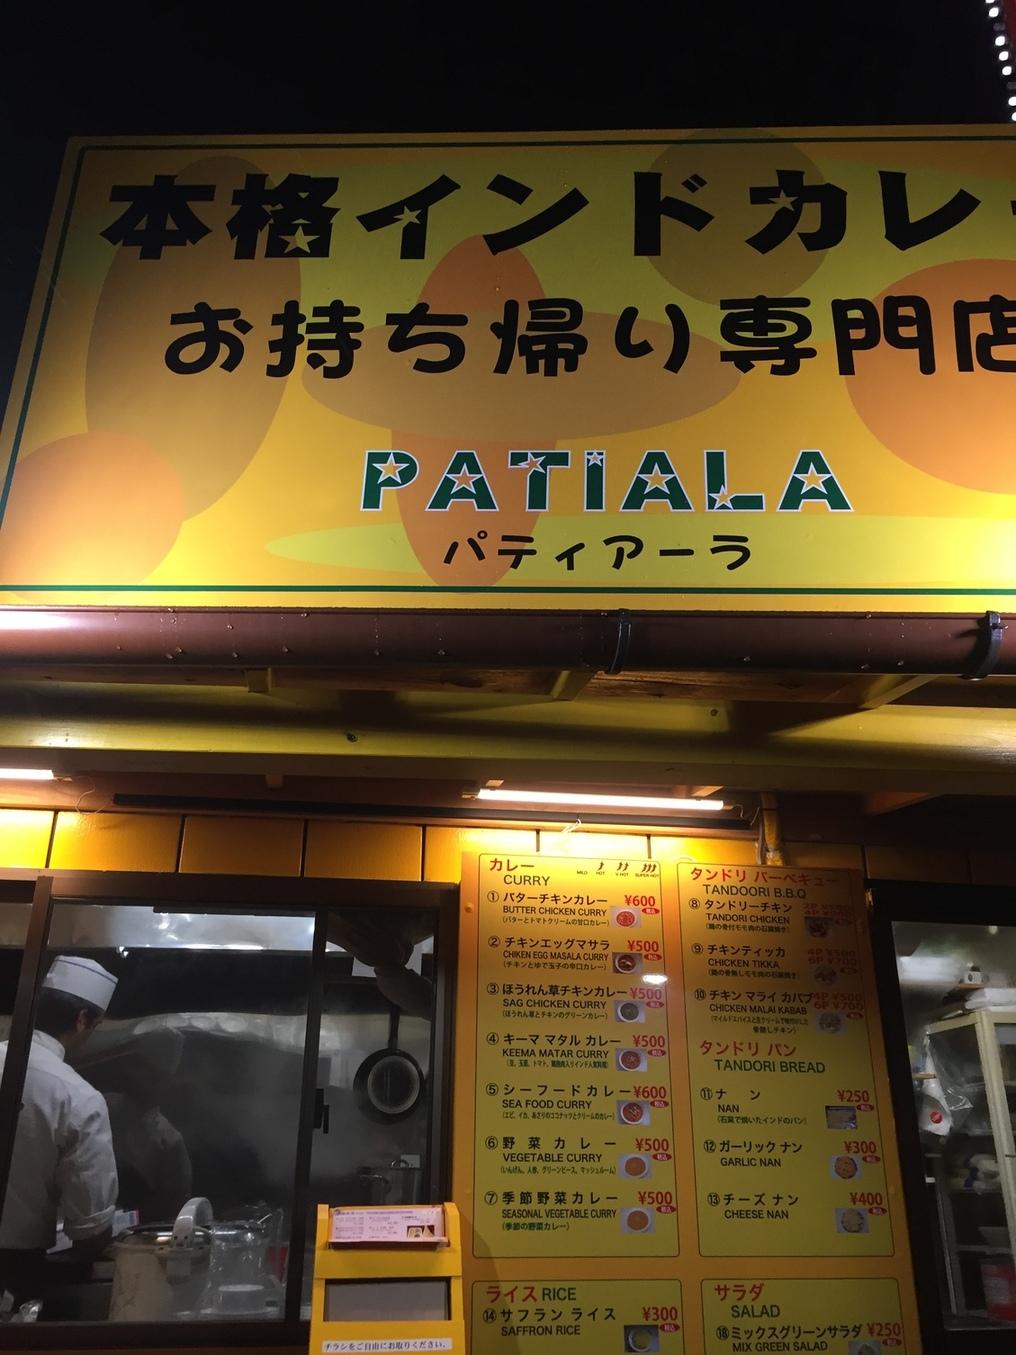 パティアーラ